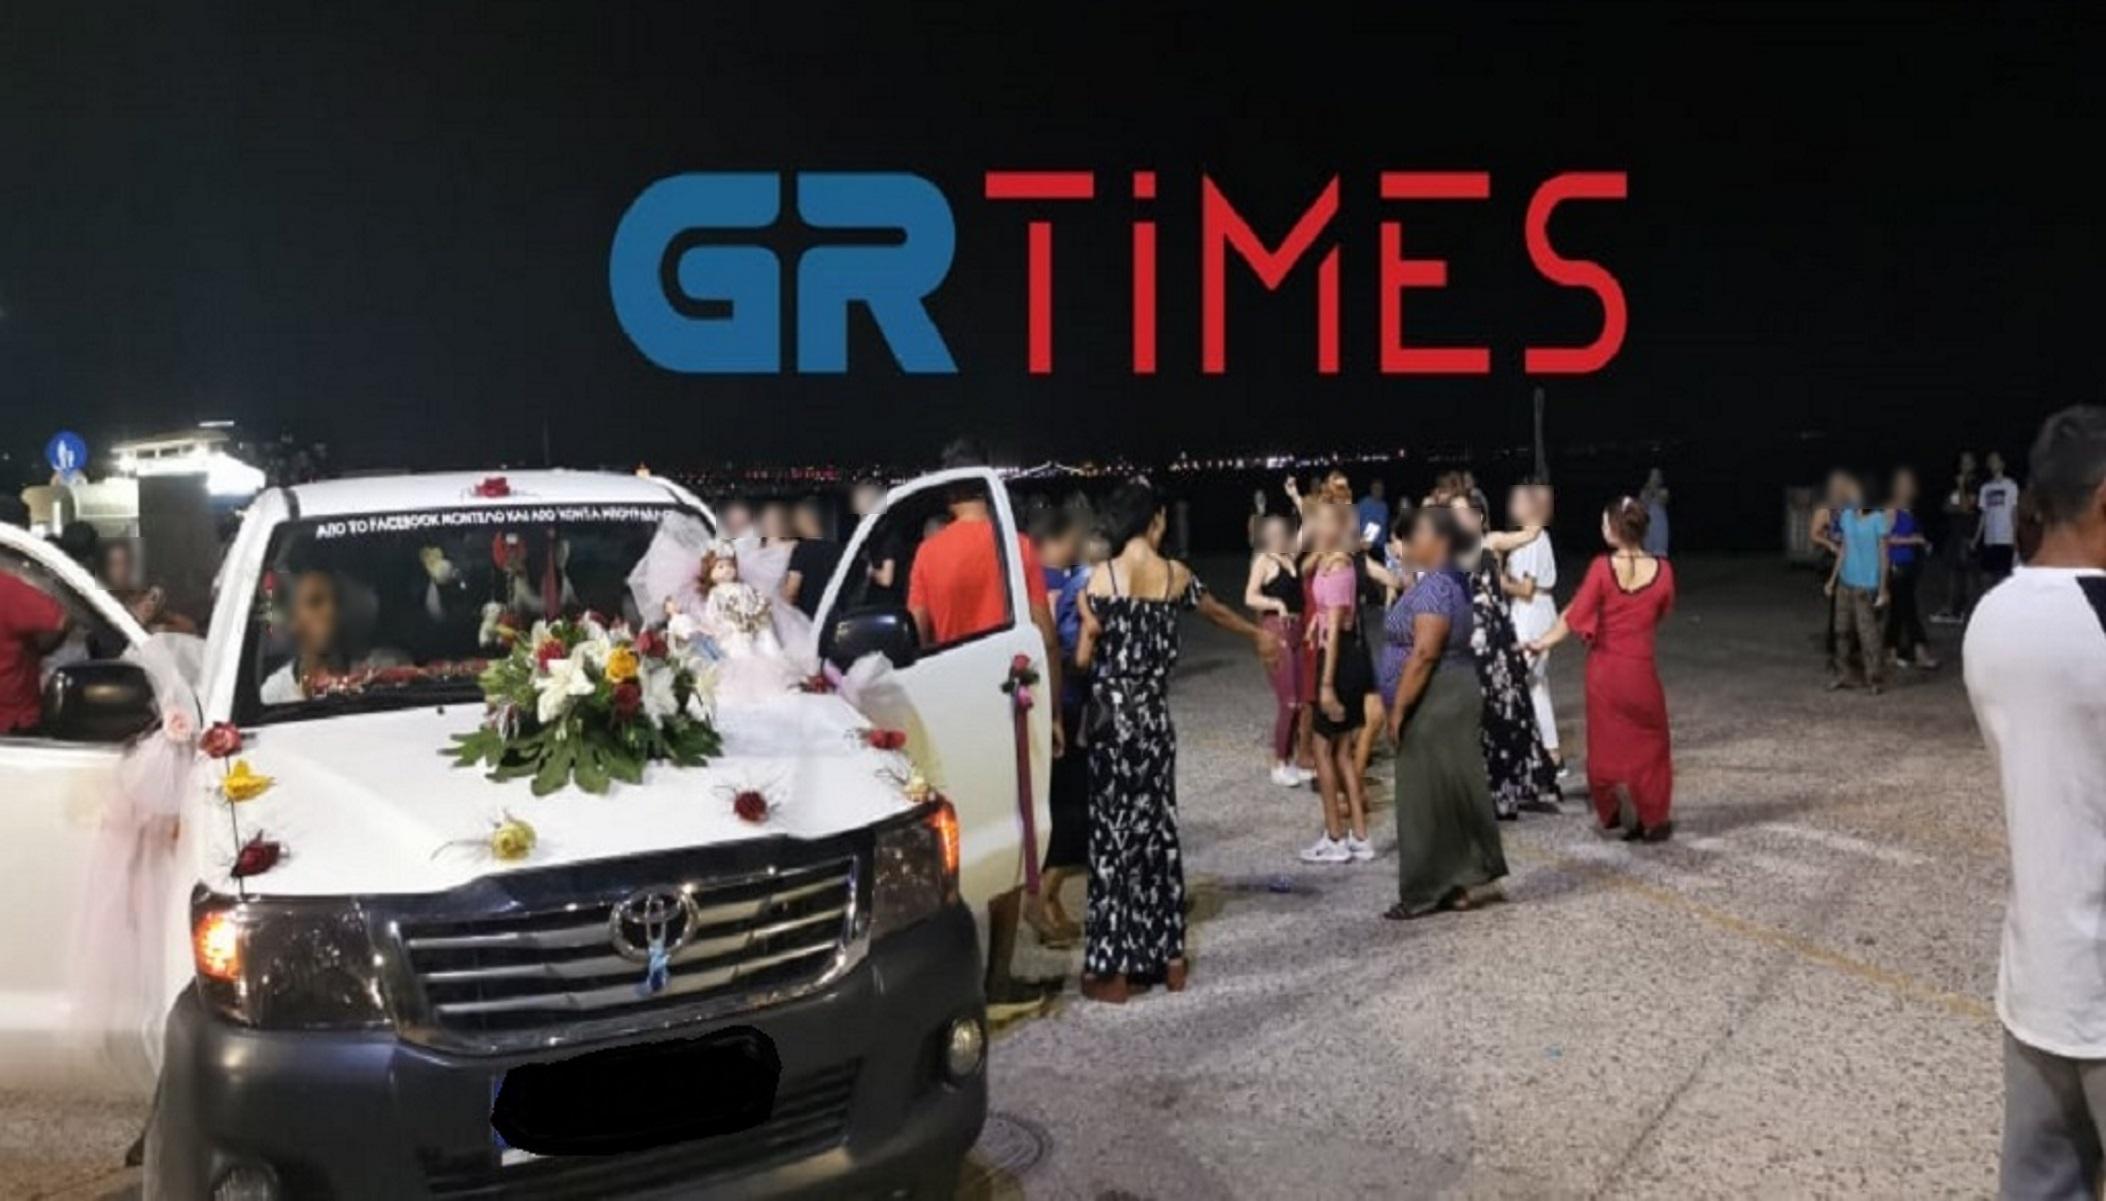 Κορονογλέντι στη Θεσσαλονίκη: Ξέφρενοι χοροί και τραγούδια για ένα τάμα